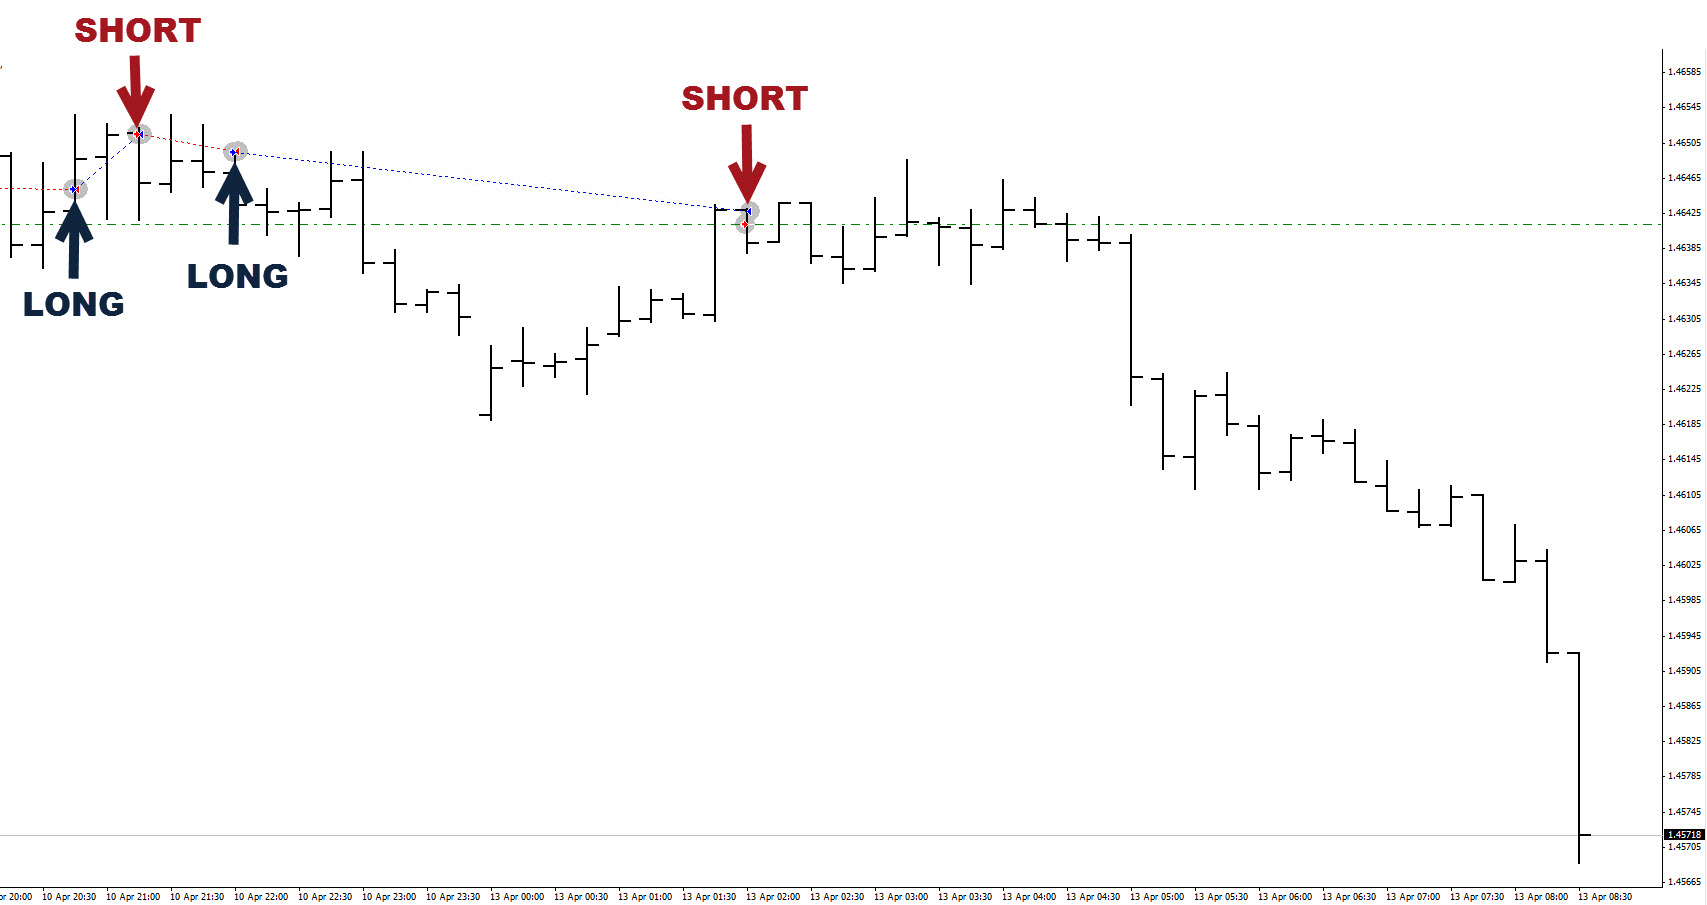 Free forex trading signals sms ~ camupay.web.fc2.com